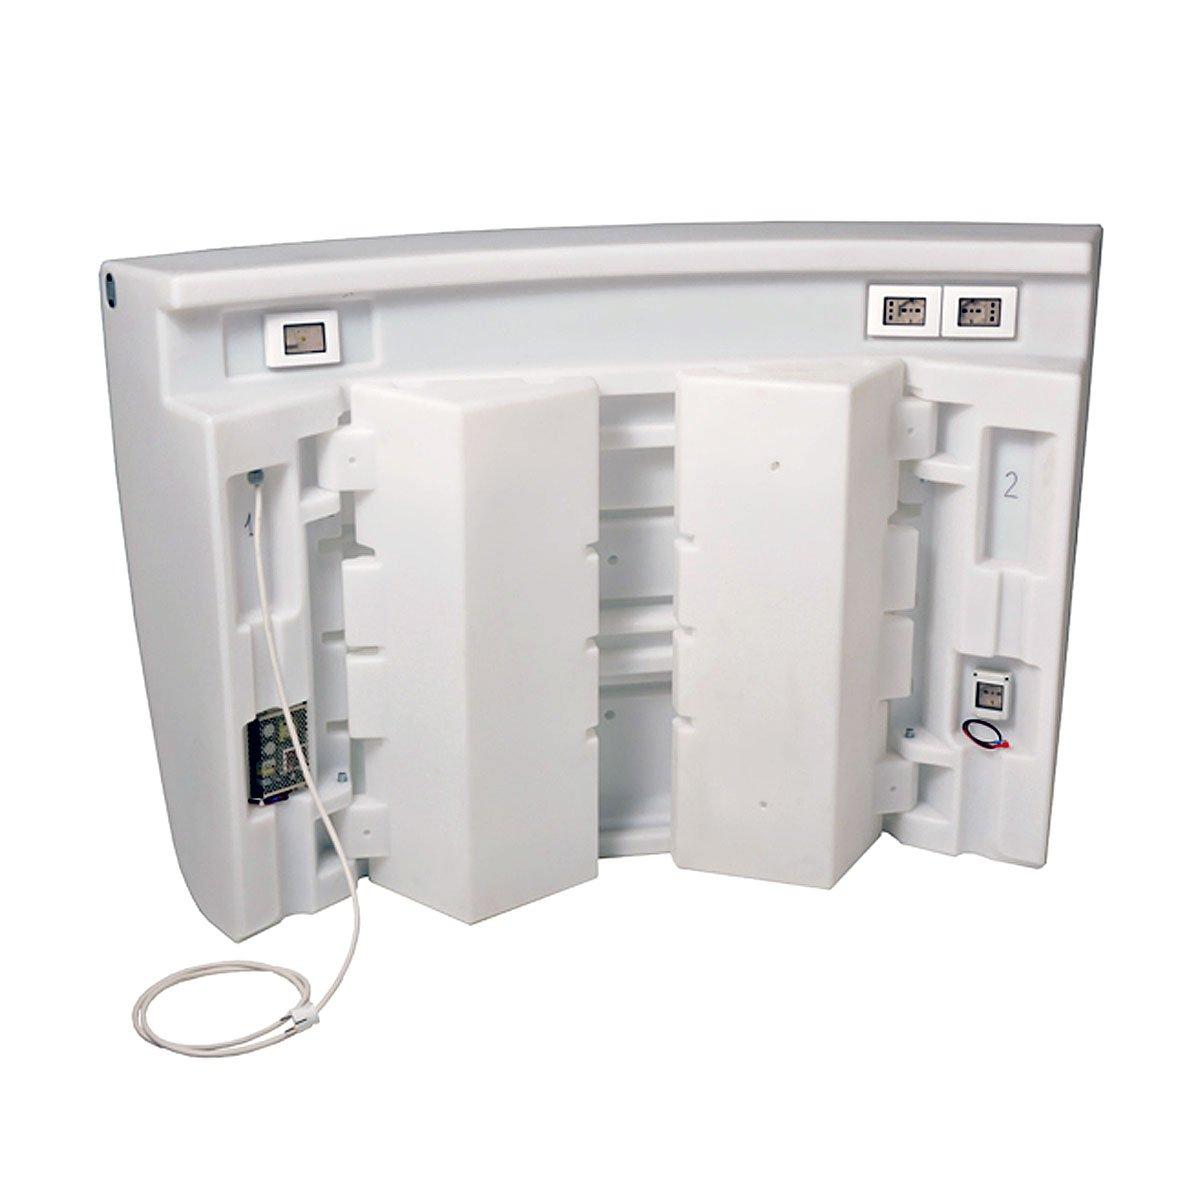 Kit illuminazione led e impianto elettrico per bancone bar for Impianto esterno elettrico